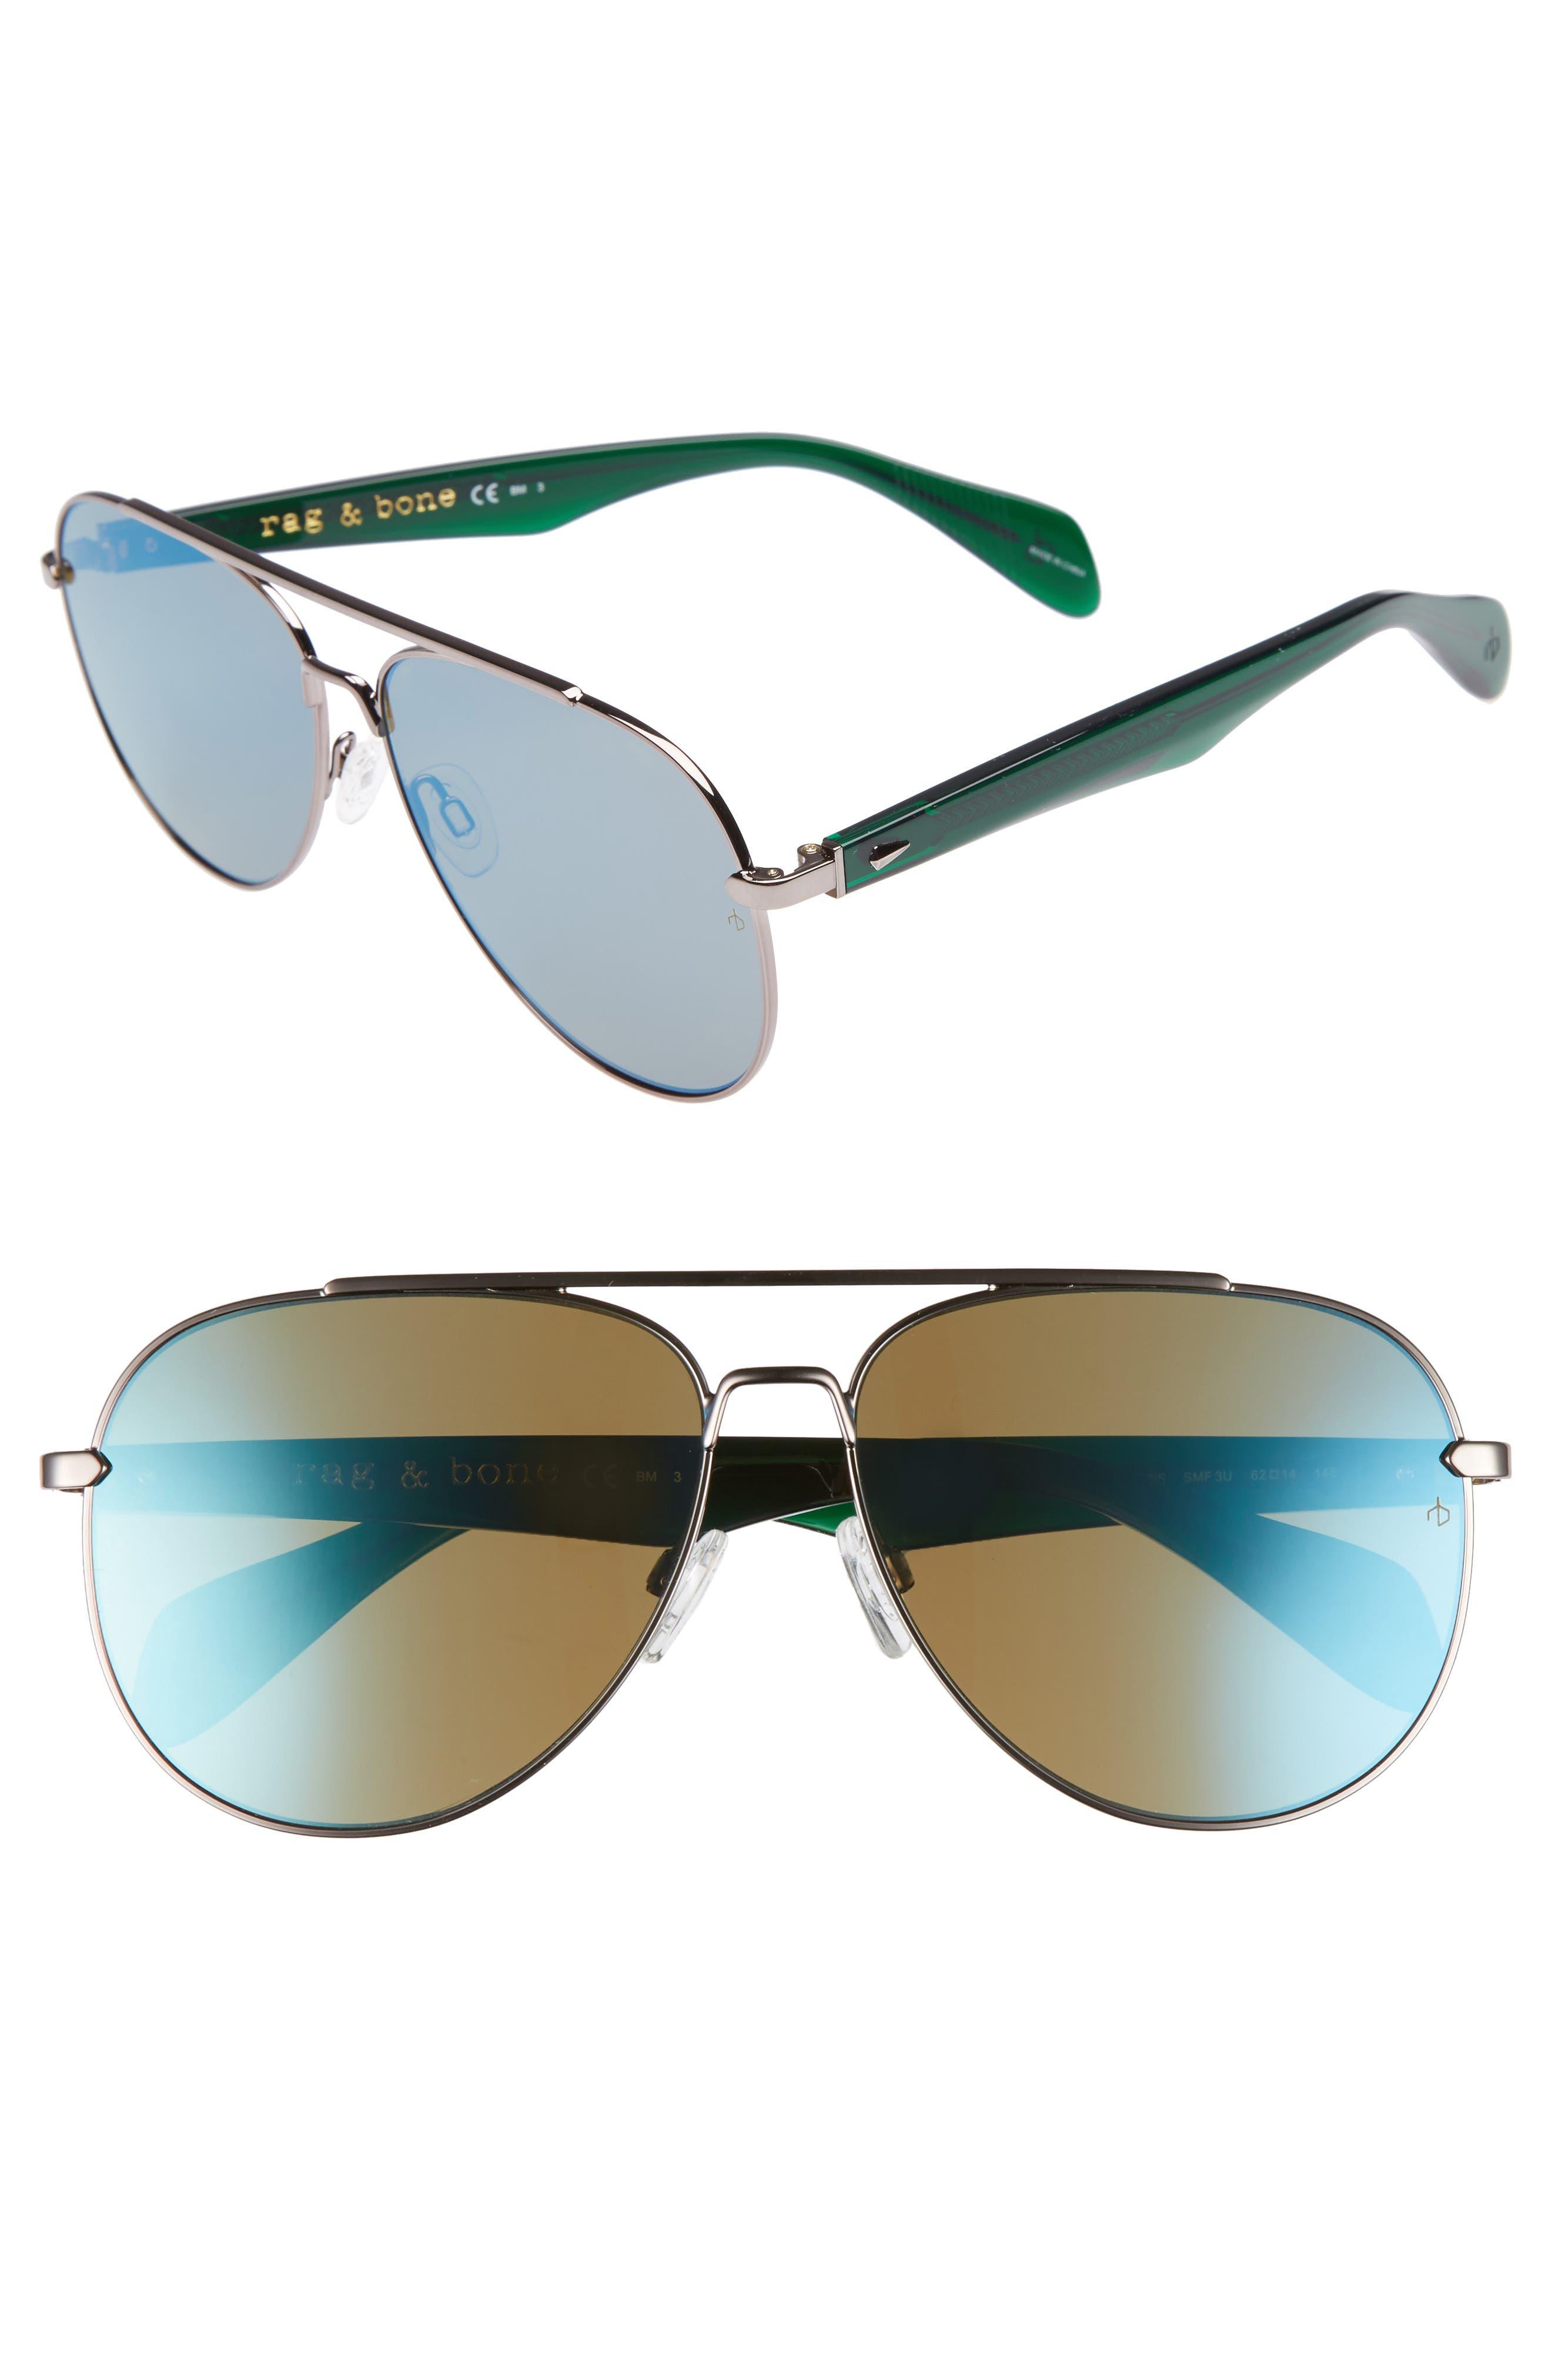 rag & bone 62mm Mirrored Aviator Sunglasses